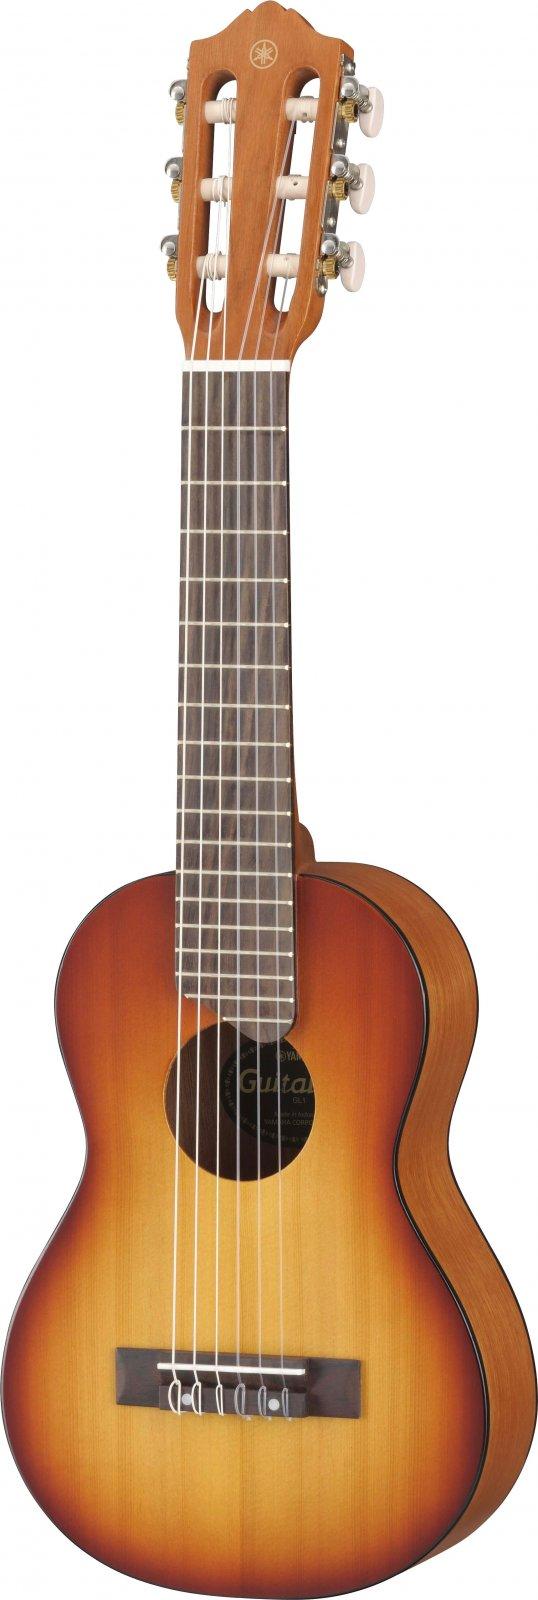 Yamaha GL1 Guitalele Guitar Ukulele - Tobacco Sunburst